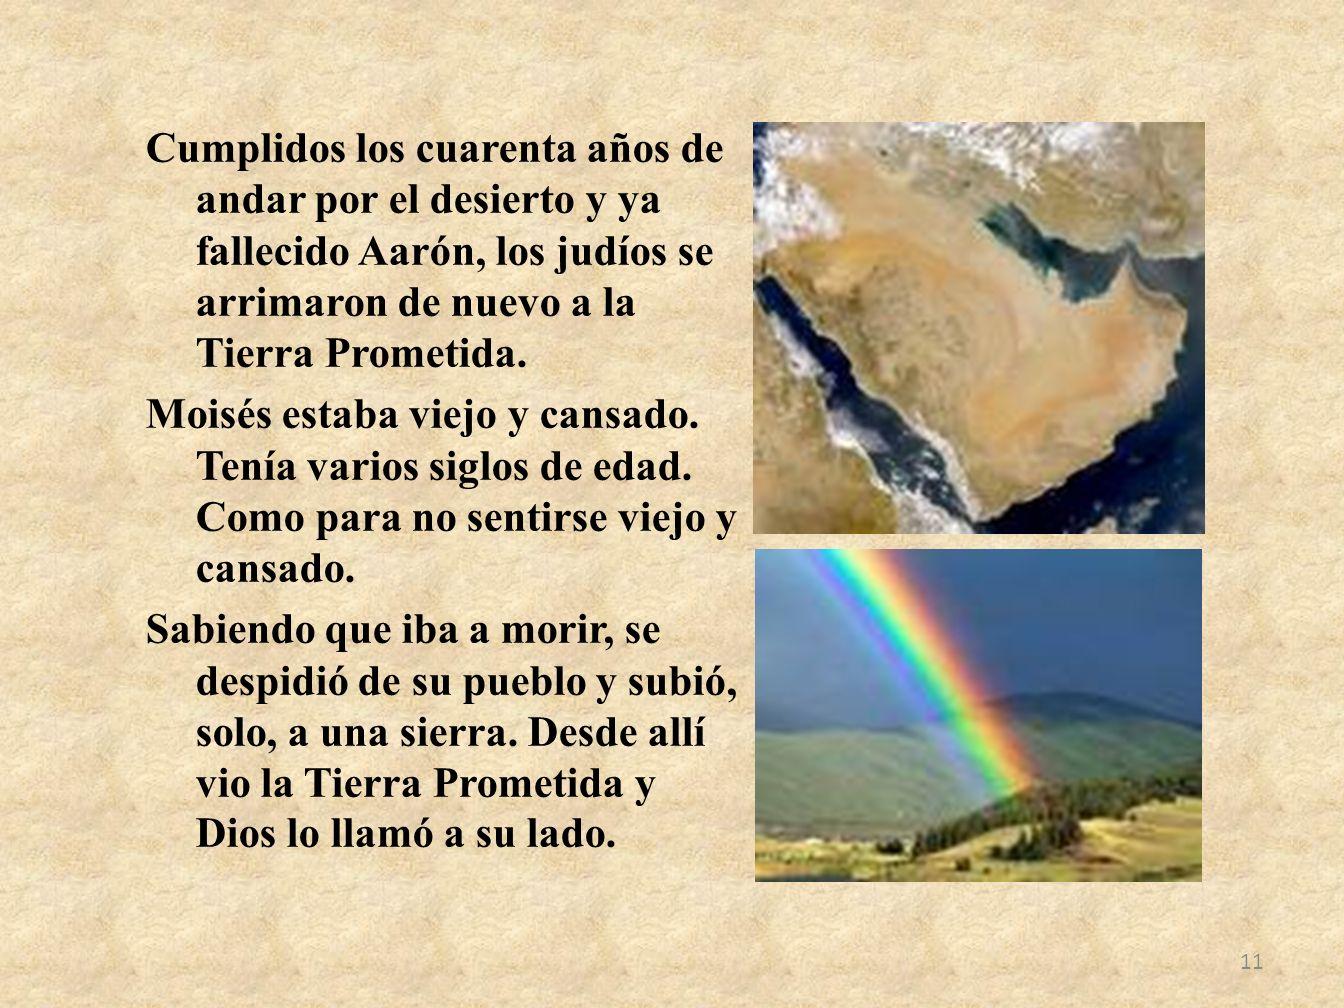 Cumplidos los cuarenta años de andar por el desierto y ya fallecido Aarón, los judíos se arrimaron de nuevo a la Tierra Prometida.